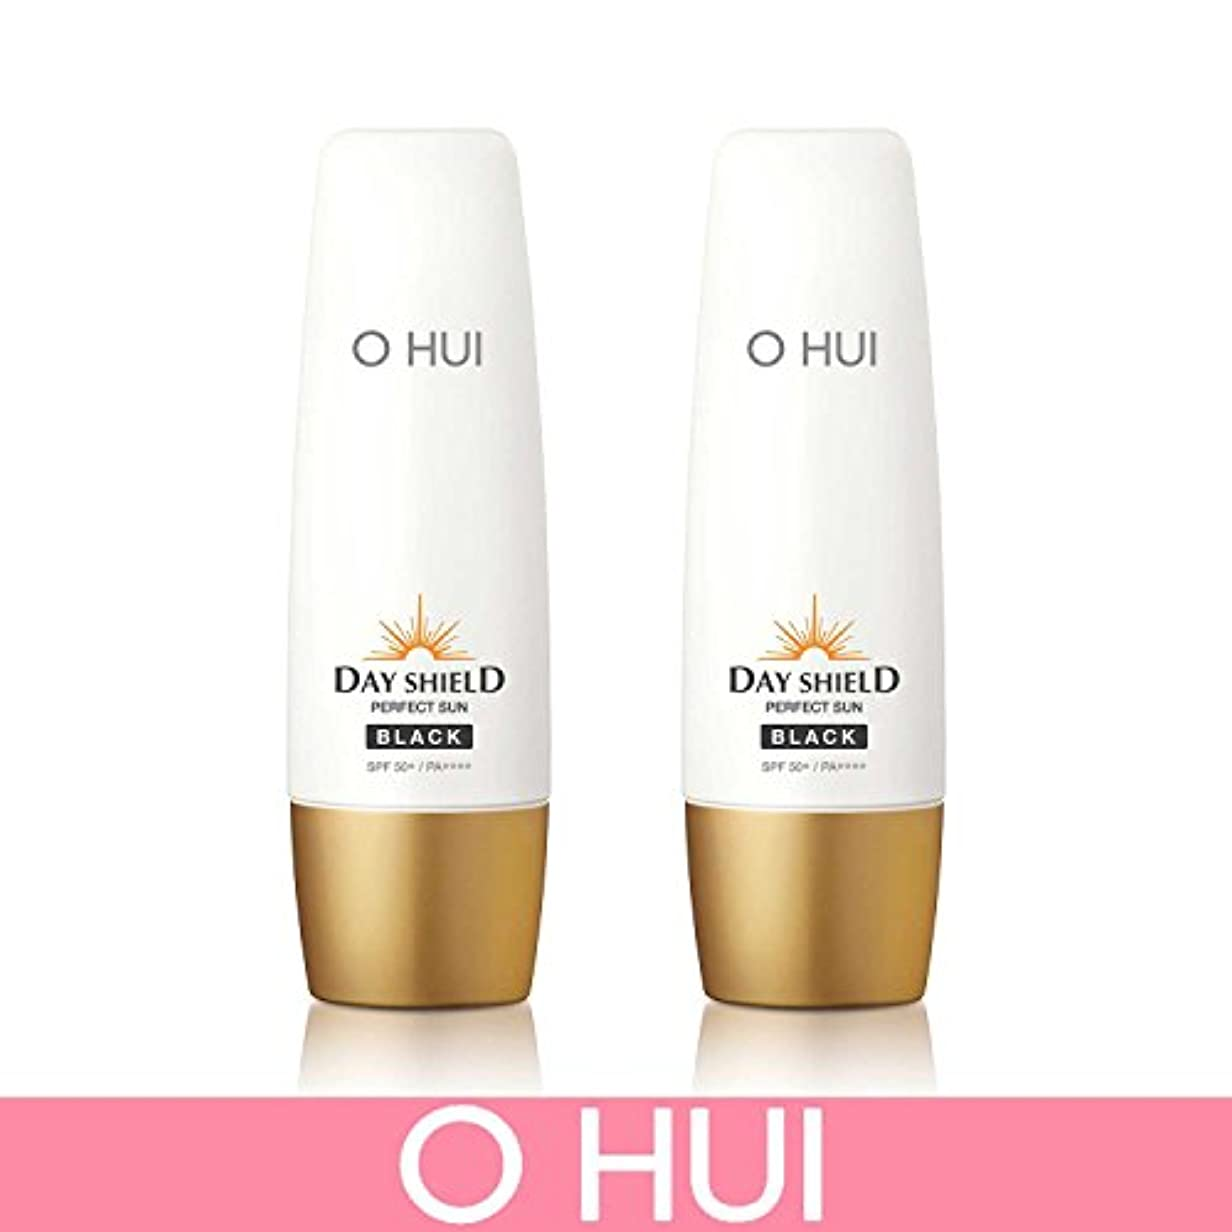 聡明胴体合体[オフィ/ O HUI]韓国化粧品 LG生活健康/ ERFECT SUN BLACK DUO /日焼け止め (SPF50+/PA+++) 50ml +50ml +[Sample Gift](海外直送品)